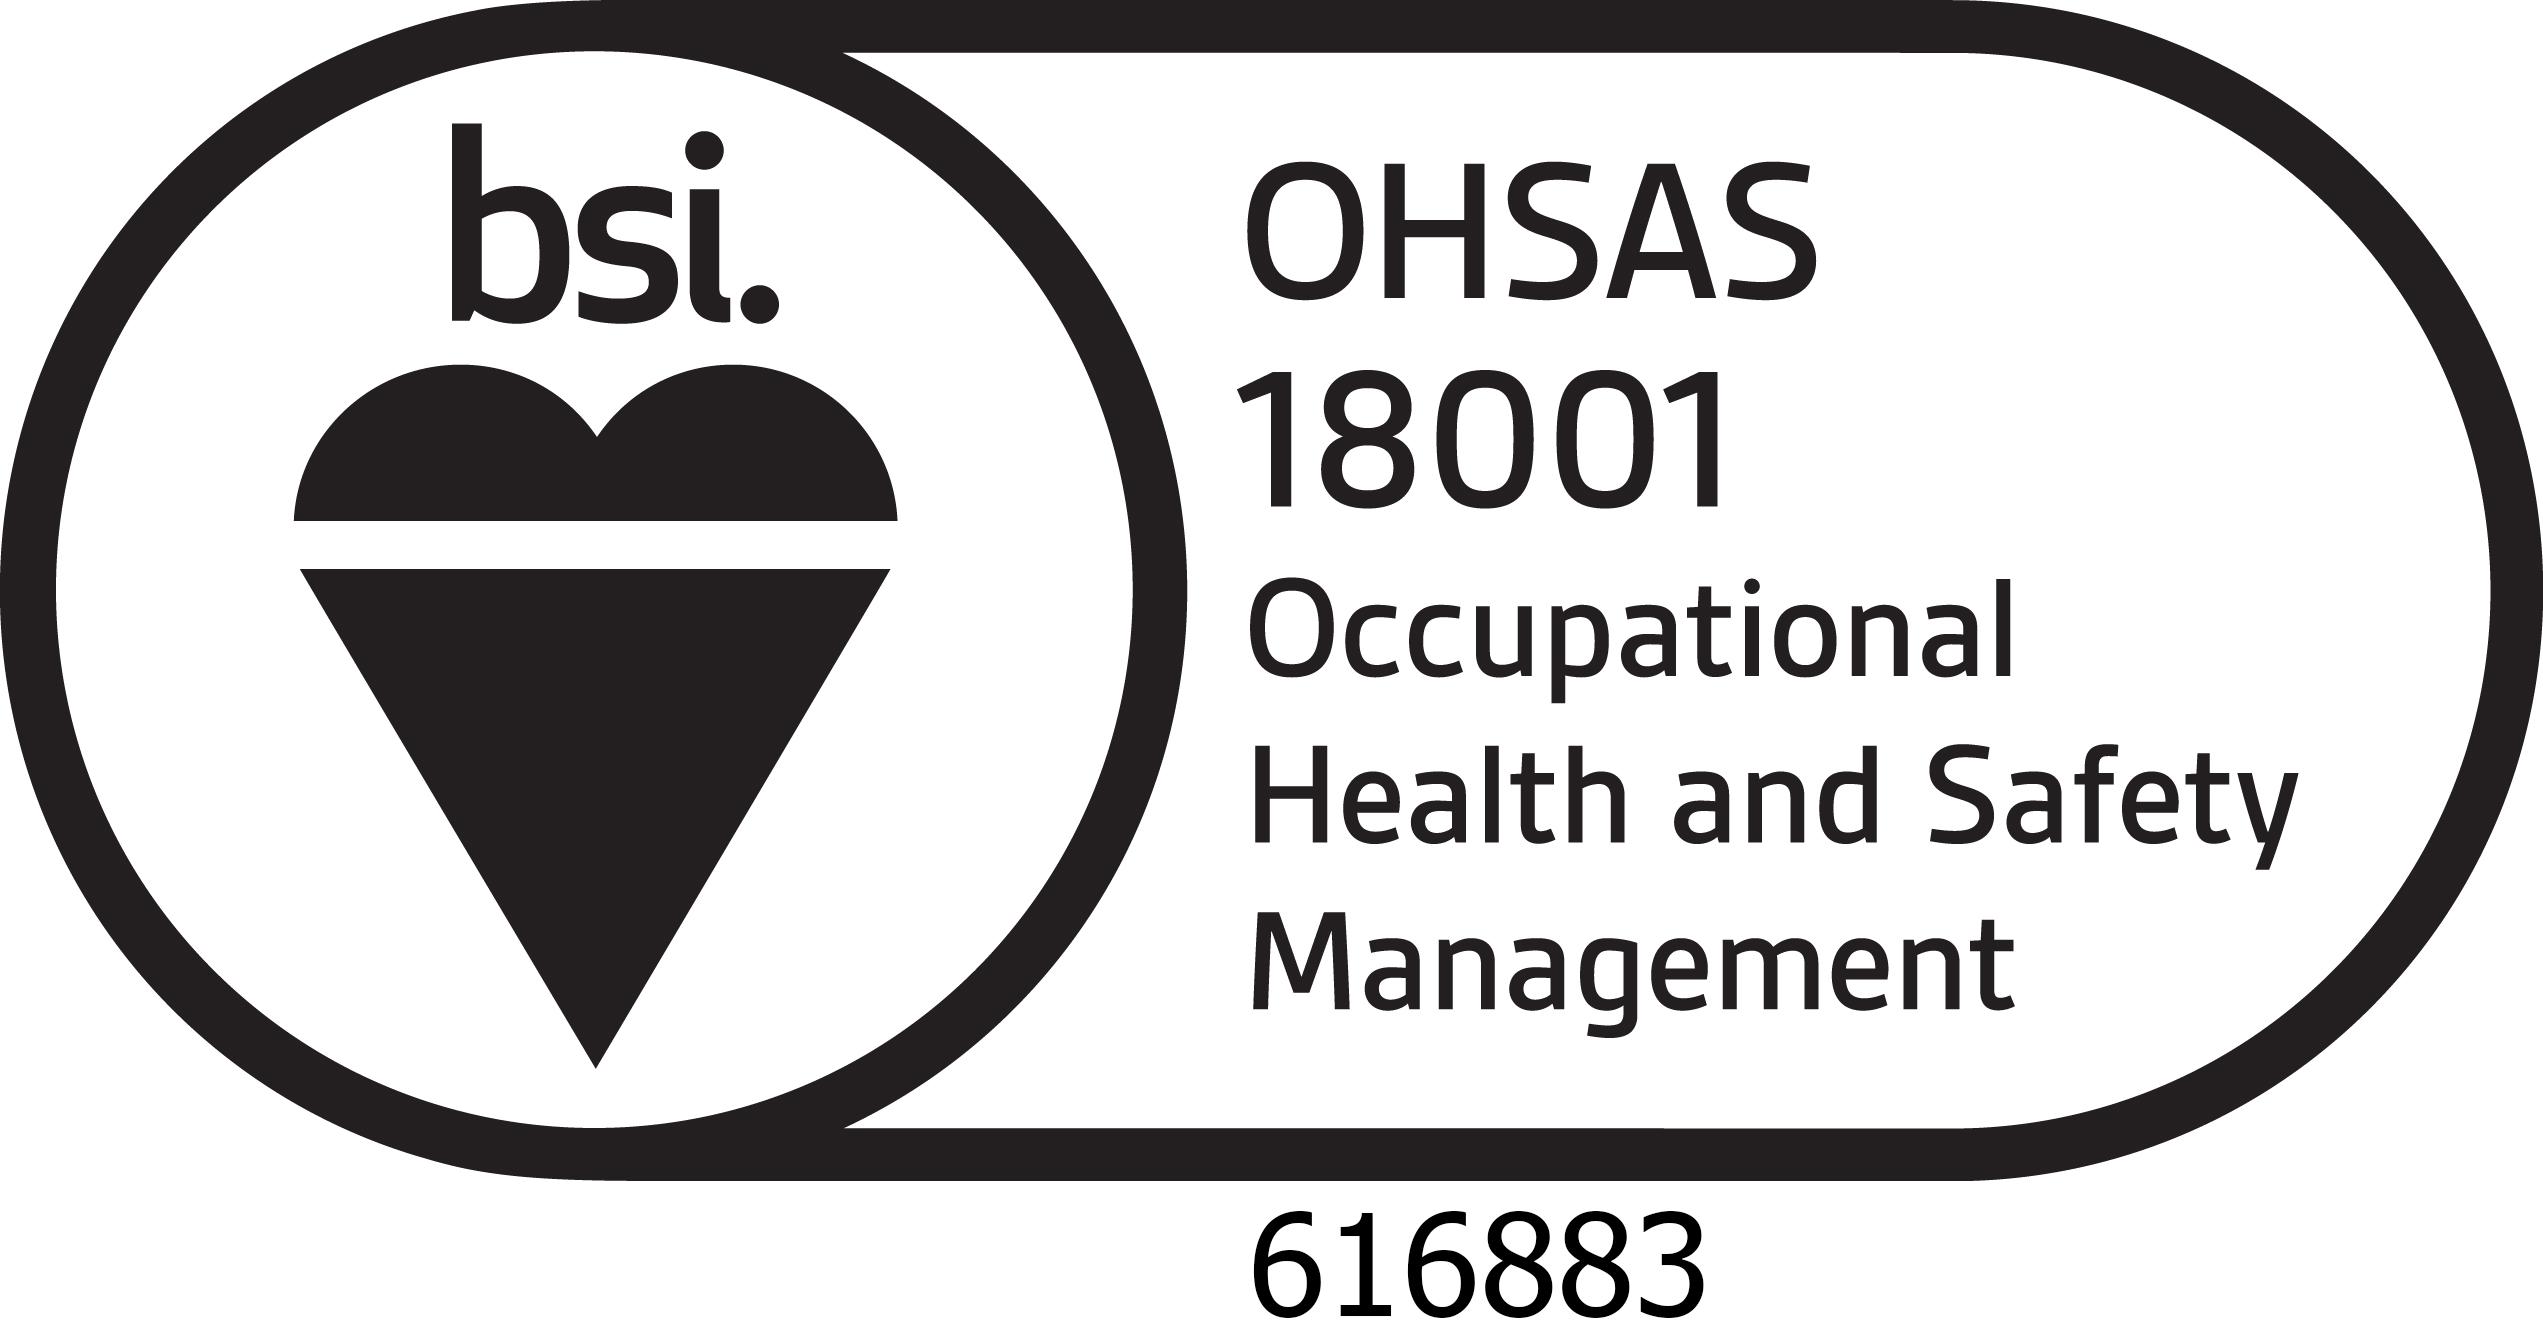 BSI Assurance Mark OHS18001 certificate-no